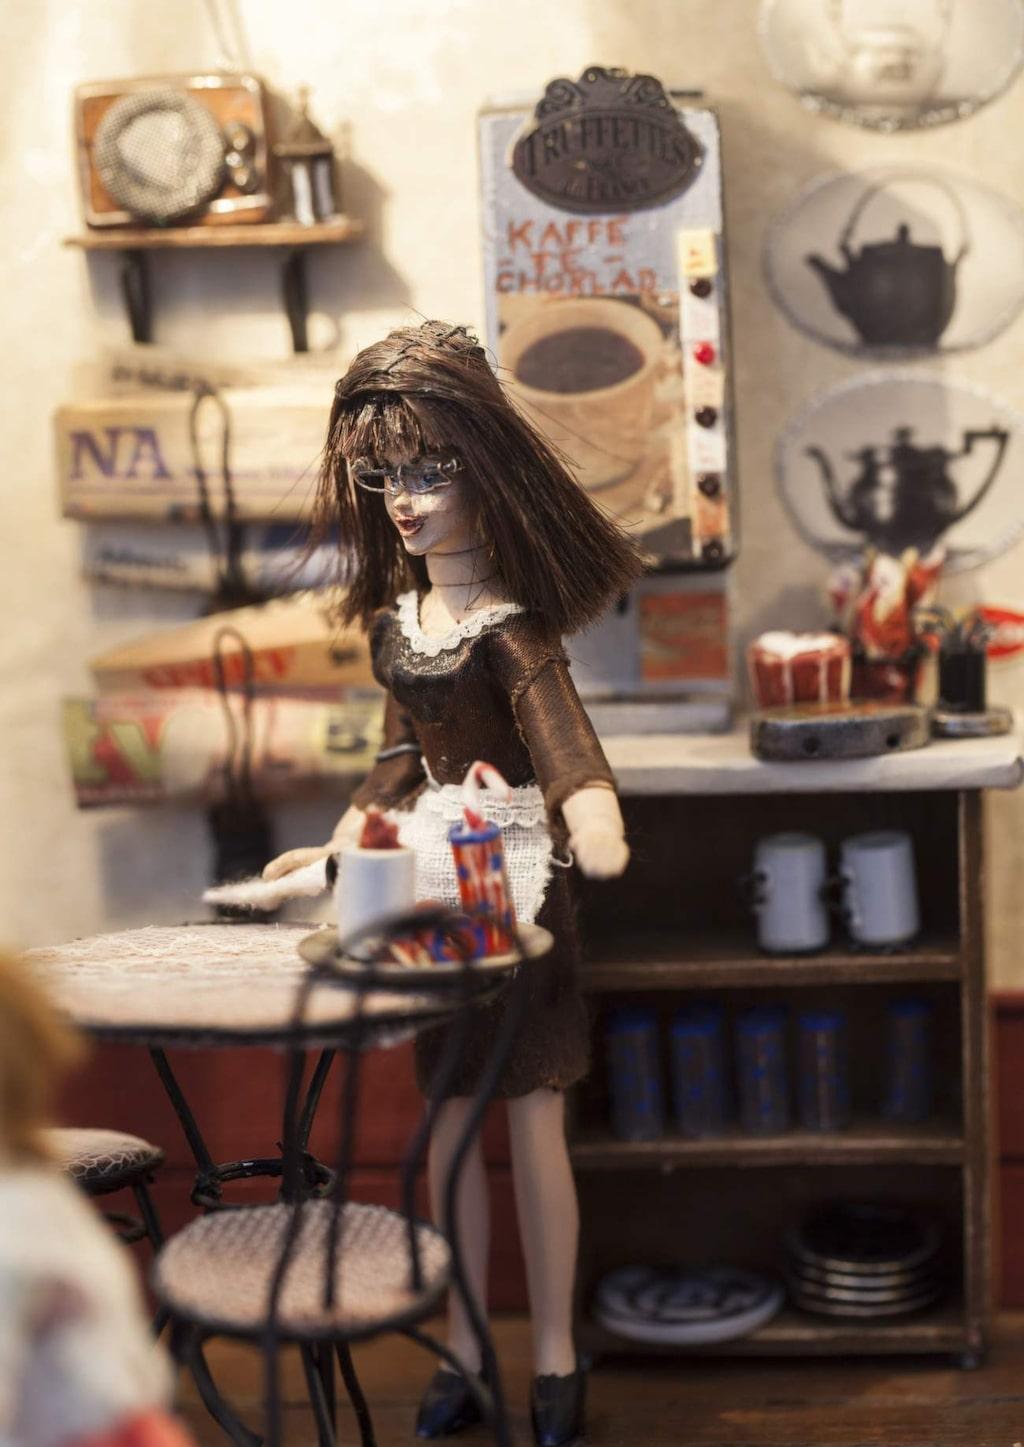 Vera plockar undan på borden som är gjorda av tvinnad ståltråd och lackade i svart.